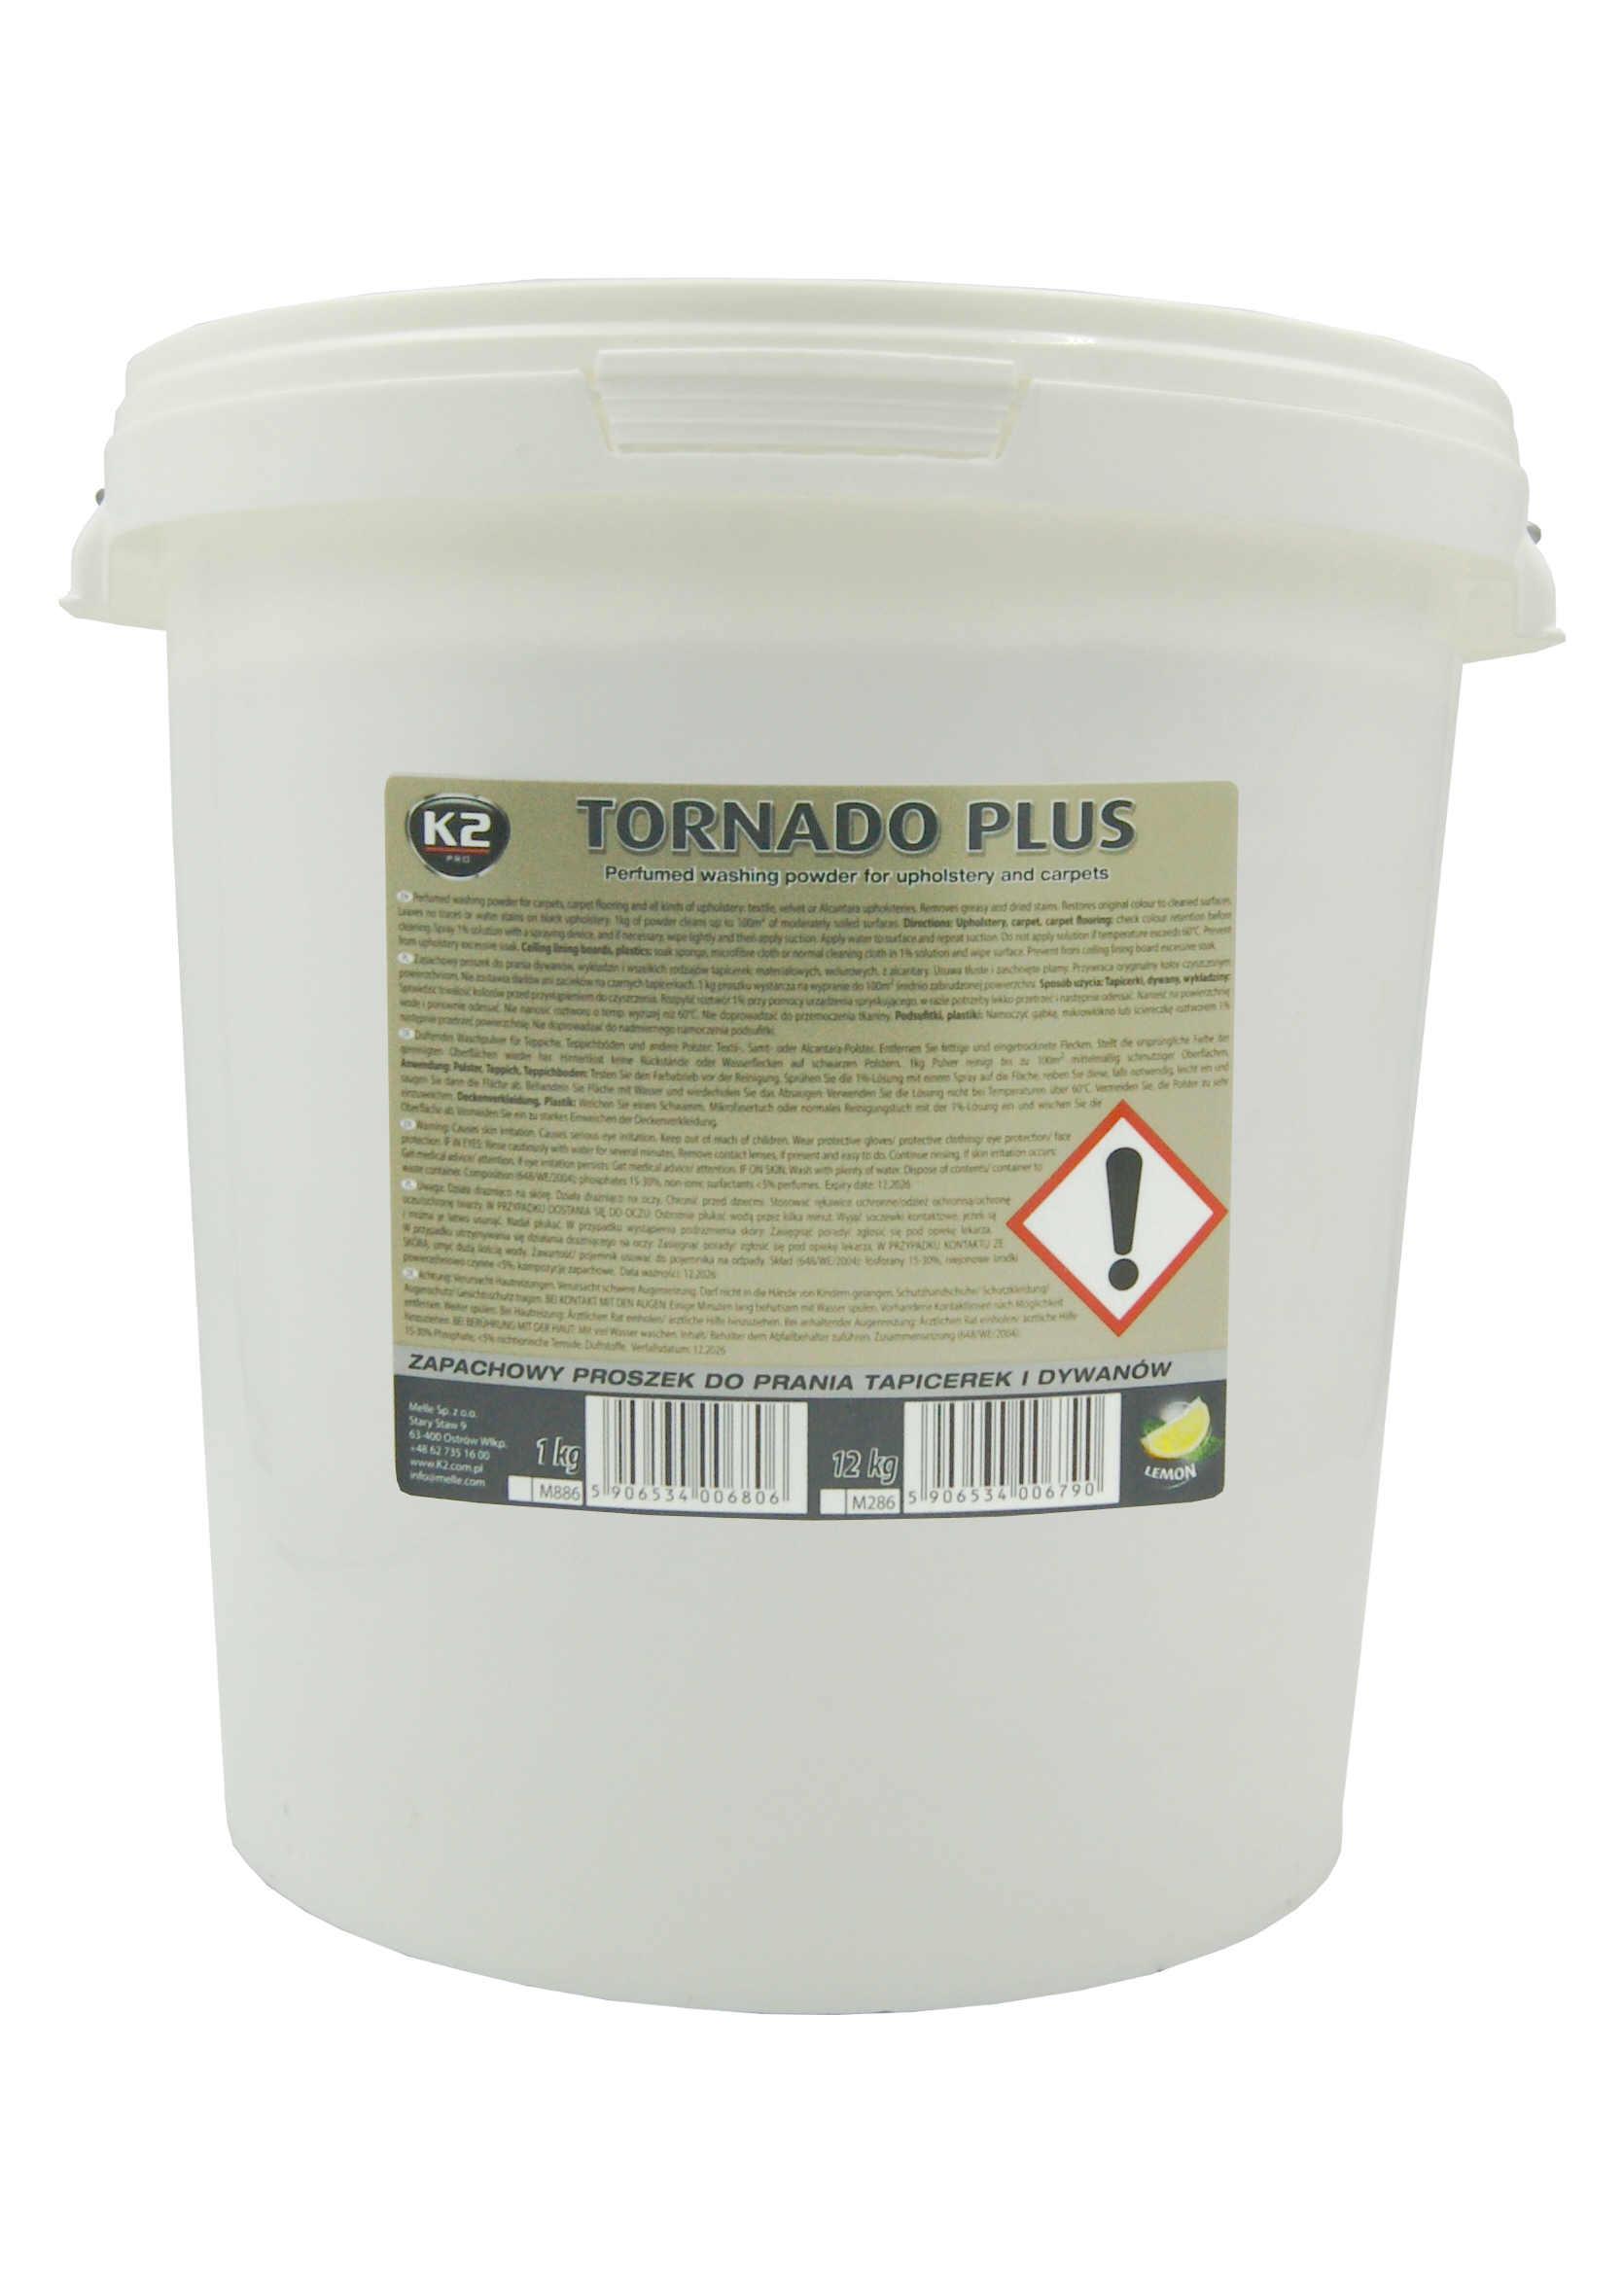 K2 Tornado Plus 12kg Zapachowy Proszek do Prania Tapicerki i Dywanów